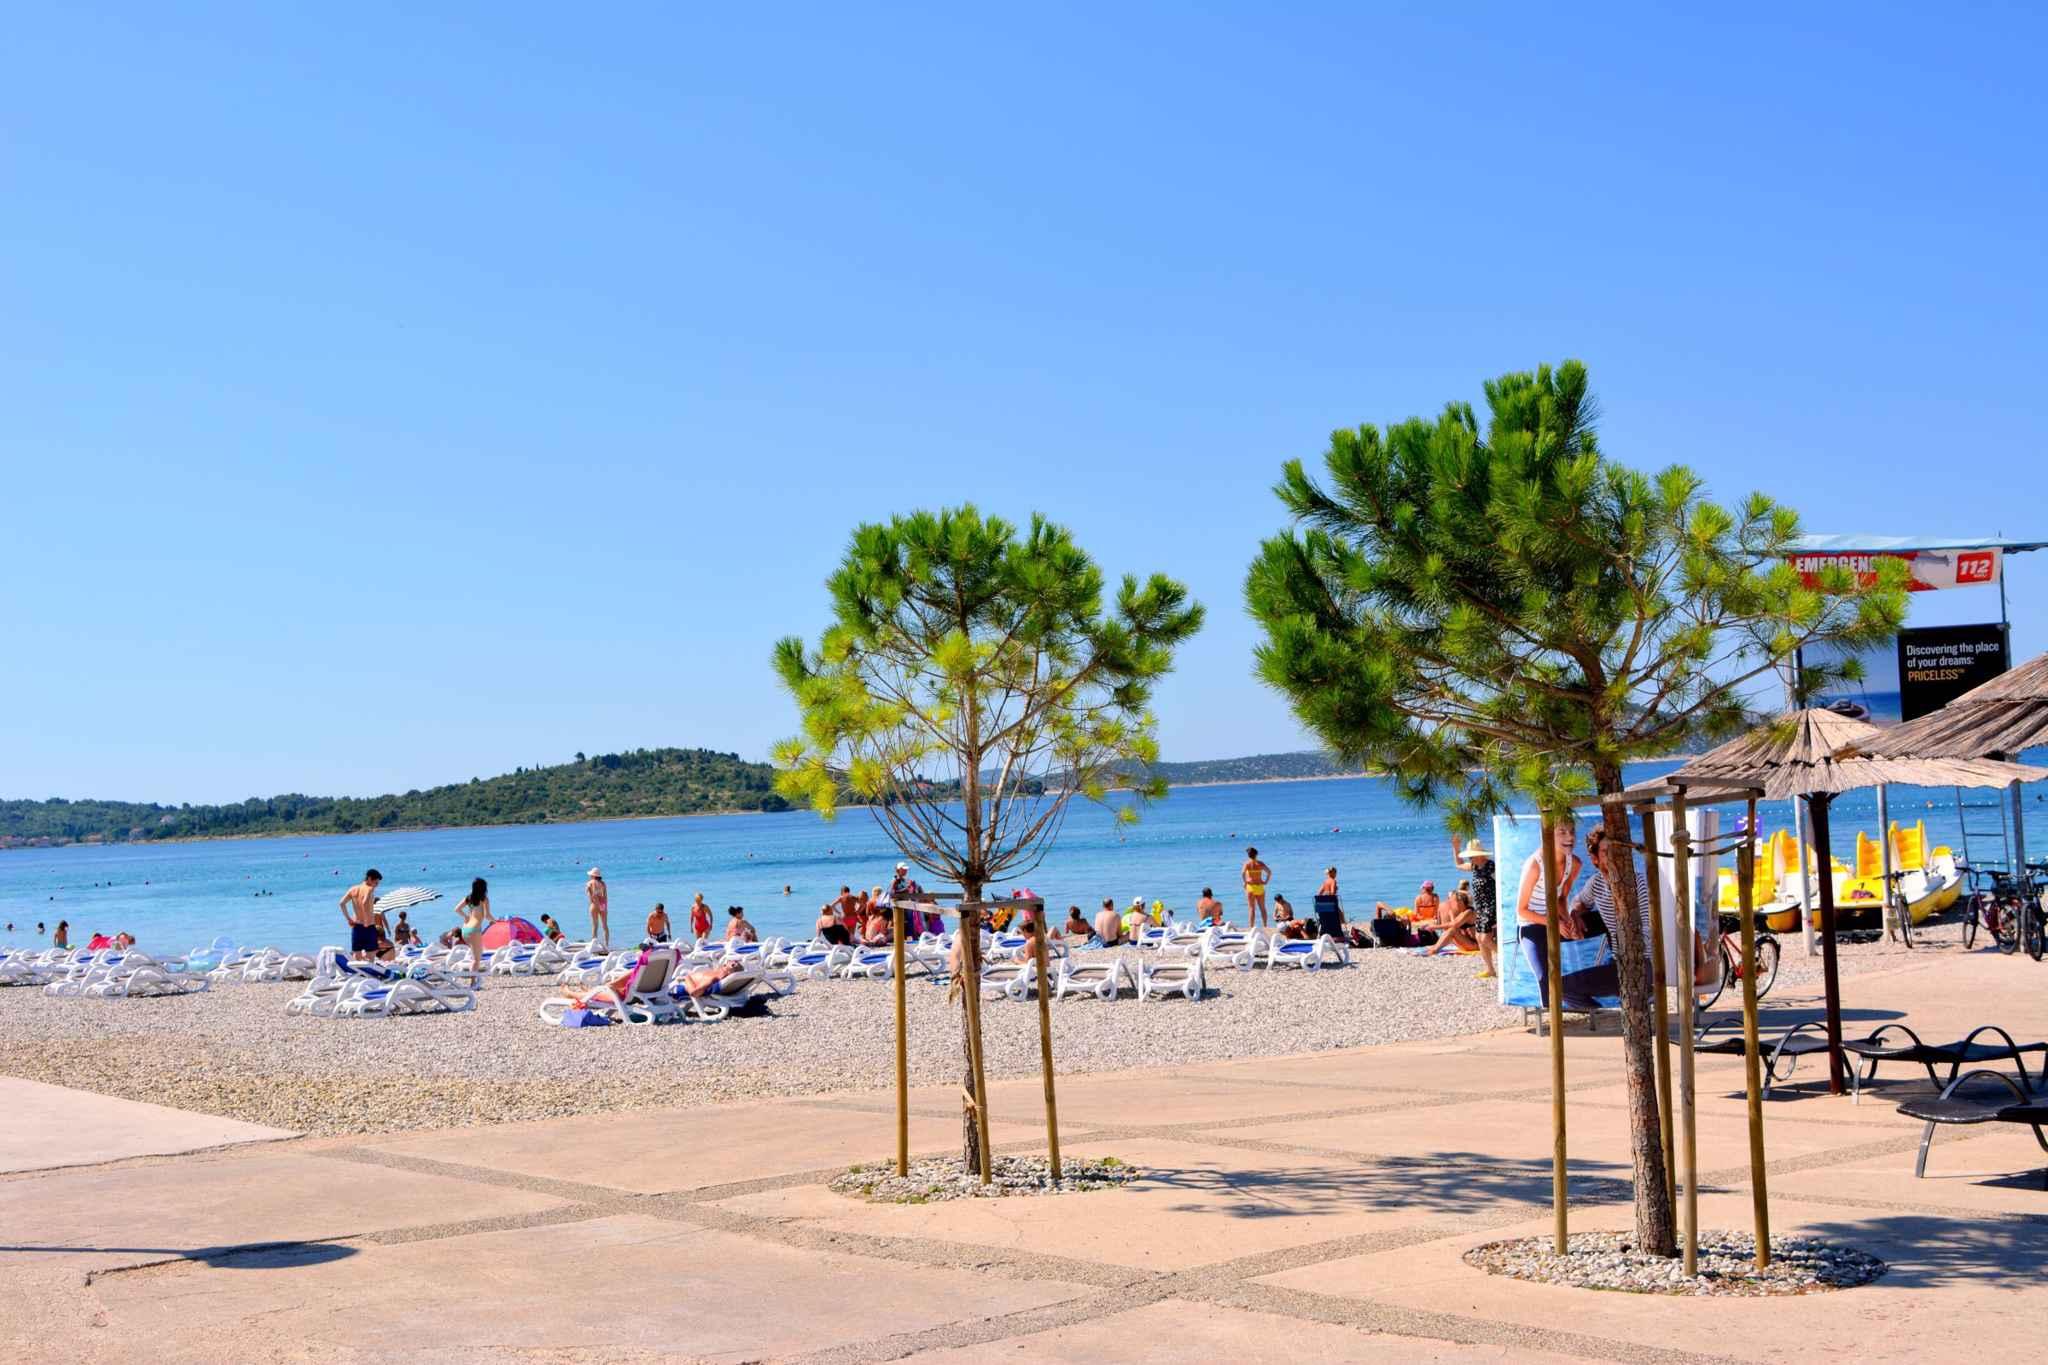 Ferienwohnung mit Balkon und nur 200 m bis zum Strand (278777), Vodice, , Dalmatien, Kroatien, Bild 11